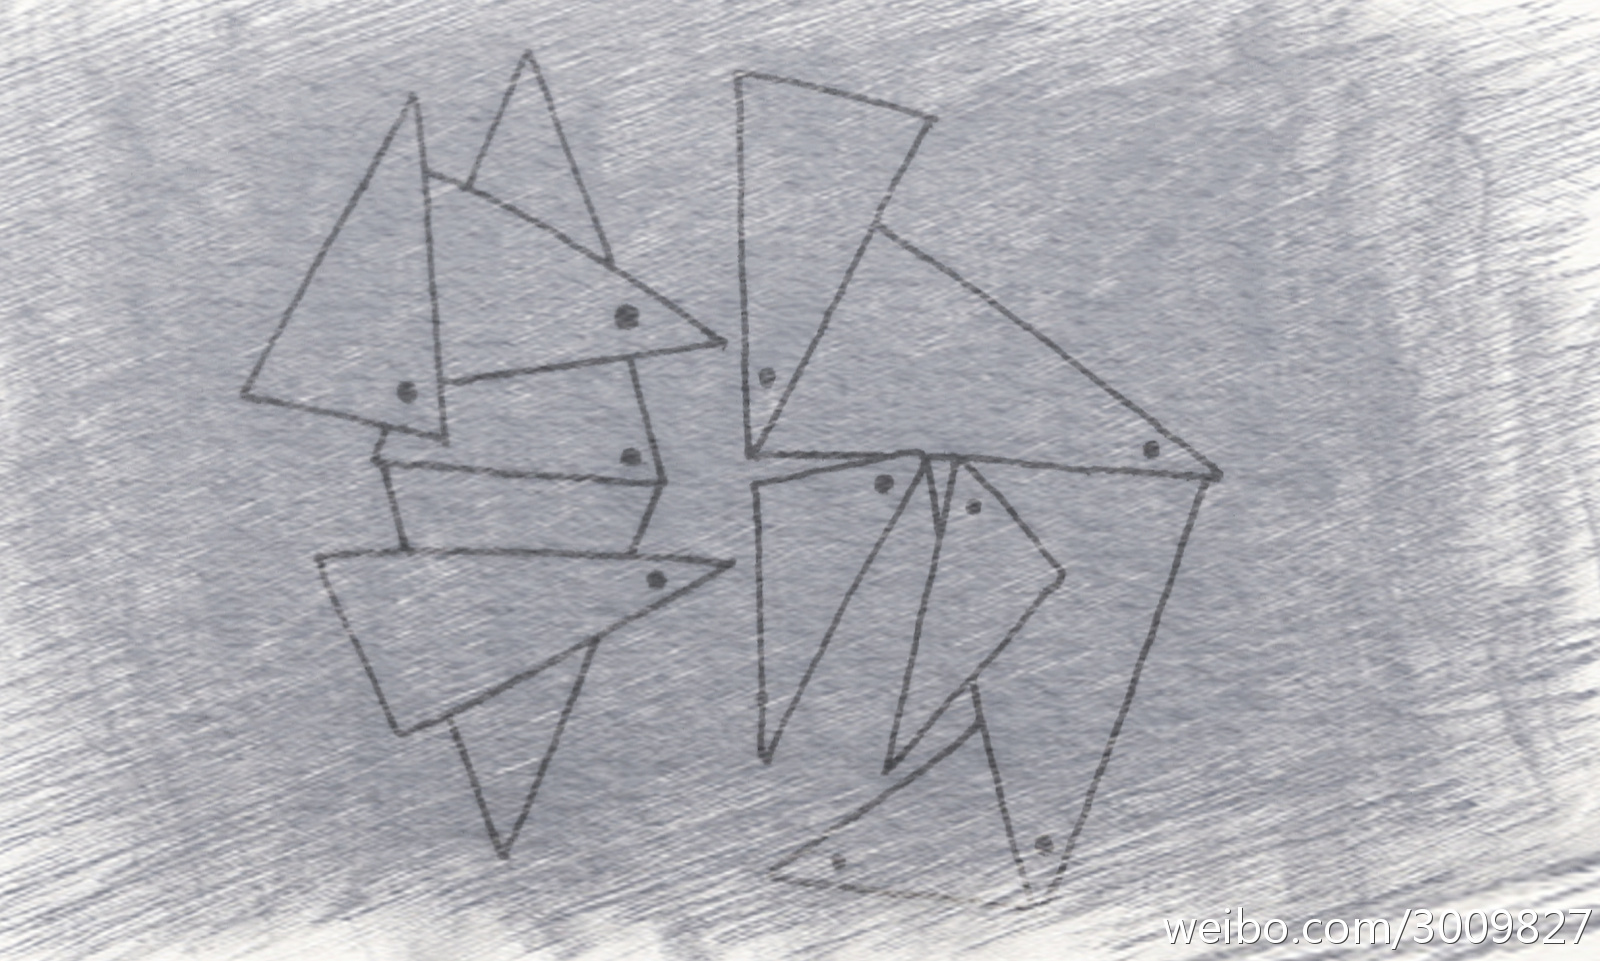 zhangxcphysic